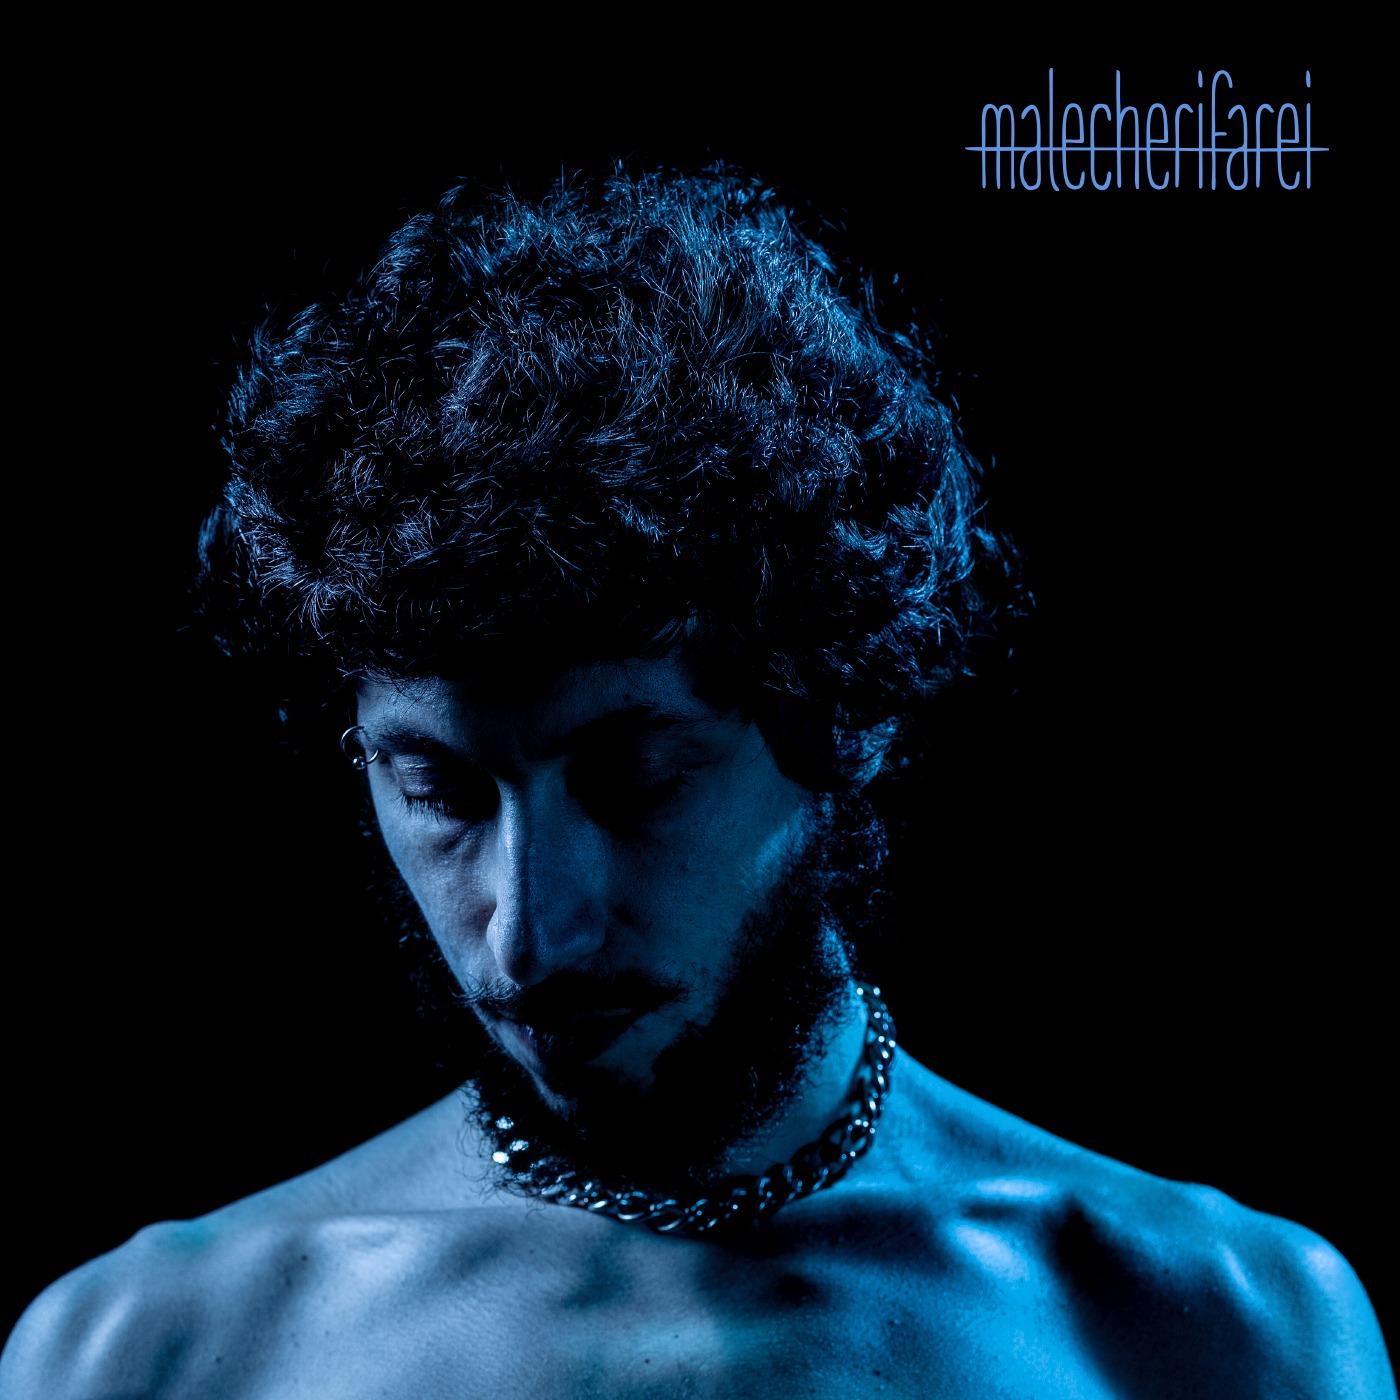 MALECHERIFAREI – il primo album del cantautore Michele Maccaferri